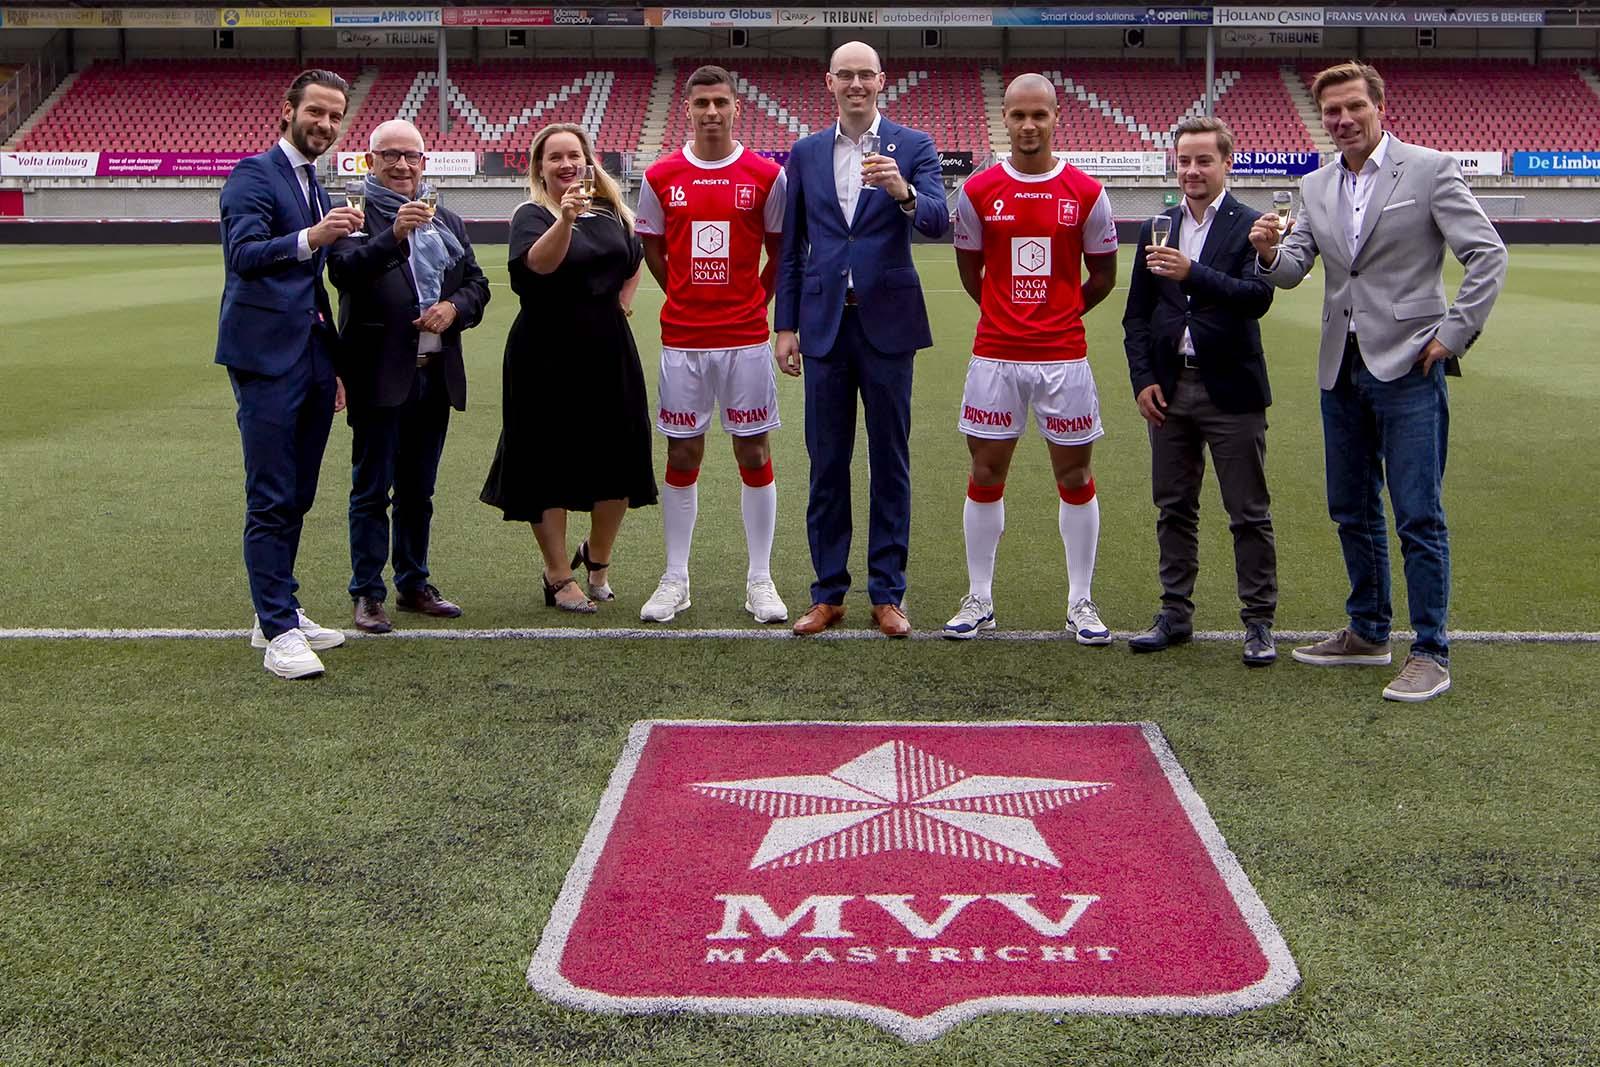 25-09-2019: Voetbal: Groene Ster v Kloetinge: Heerlerheide  KNVB Beker 2019-2020  L-R